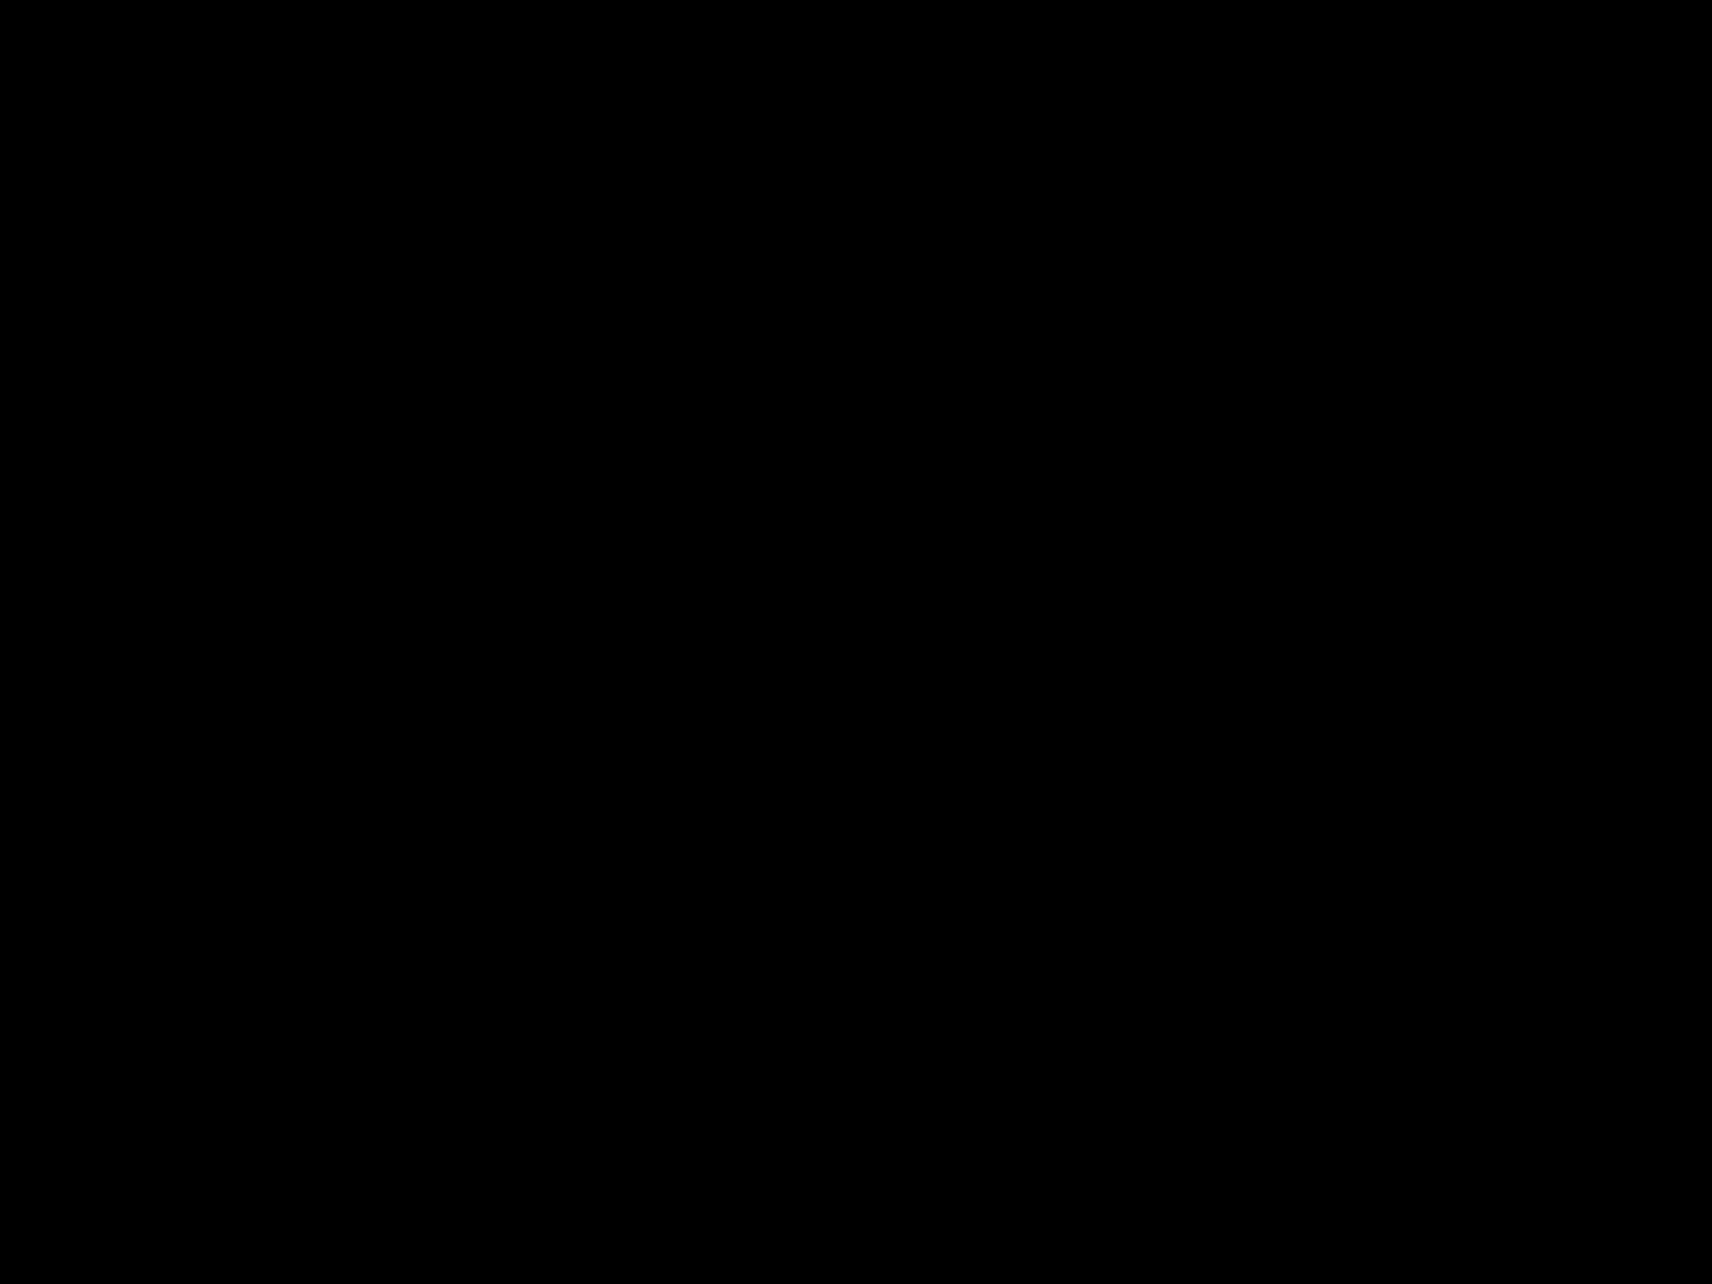 5439_01.jpg